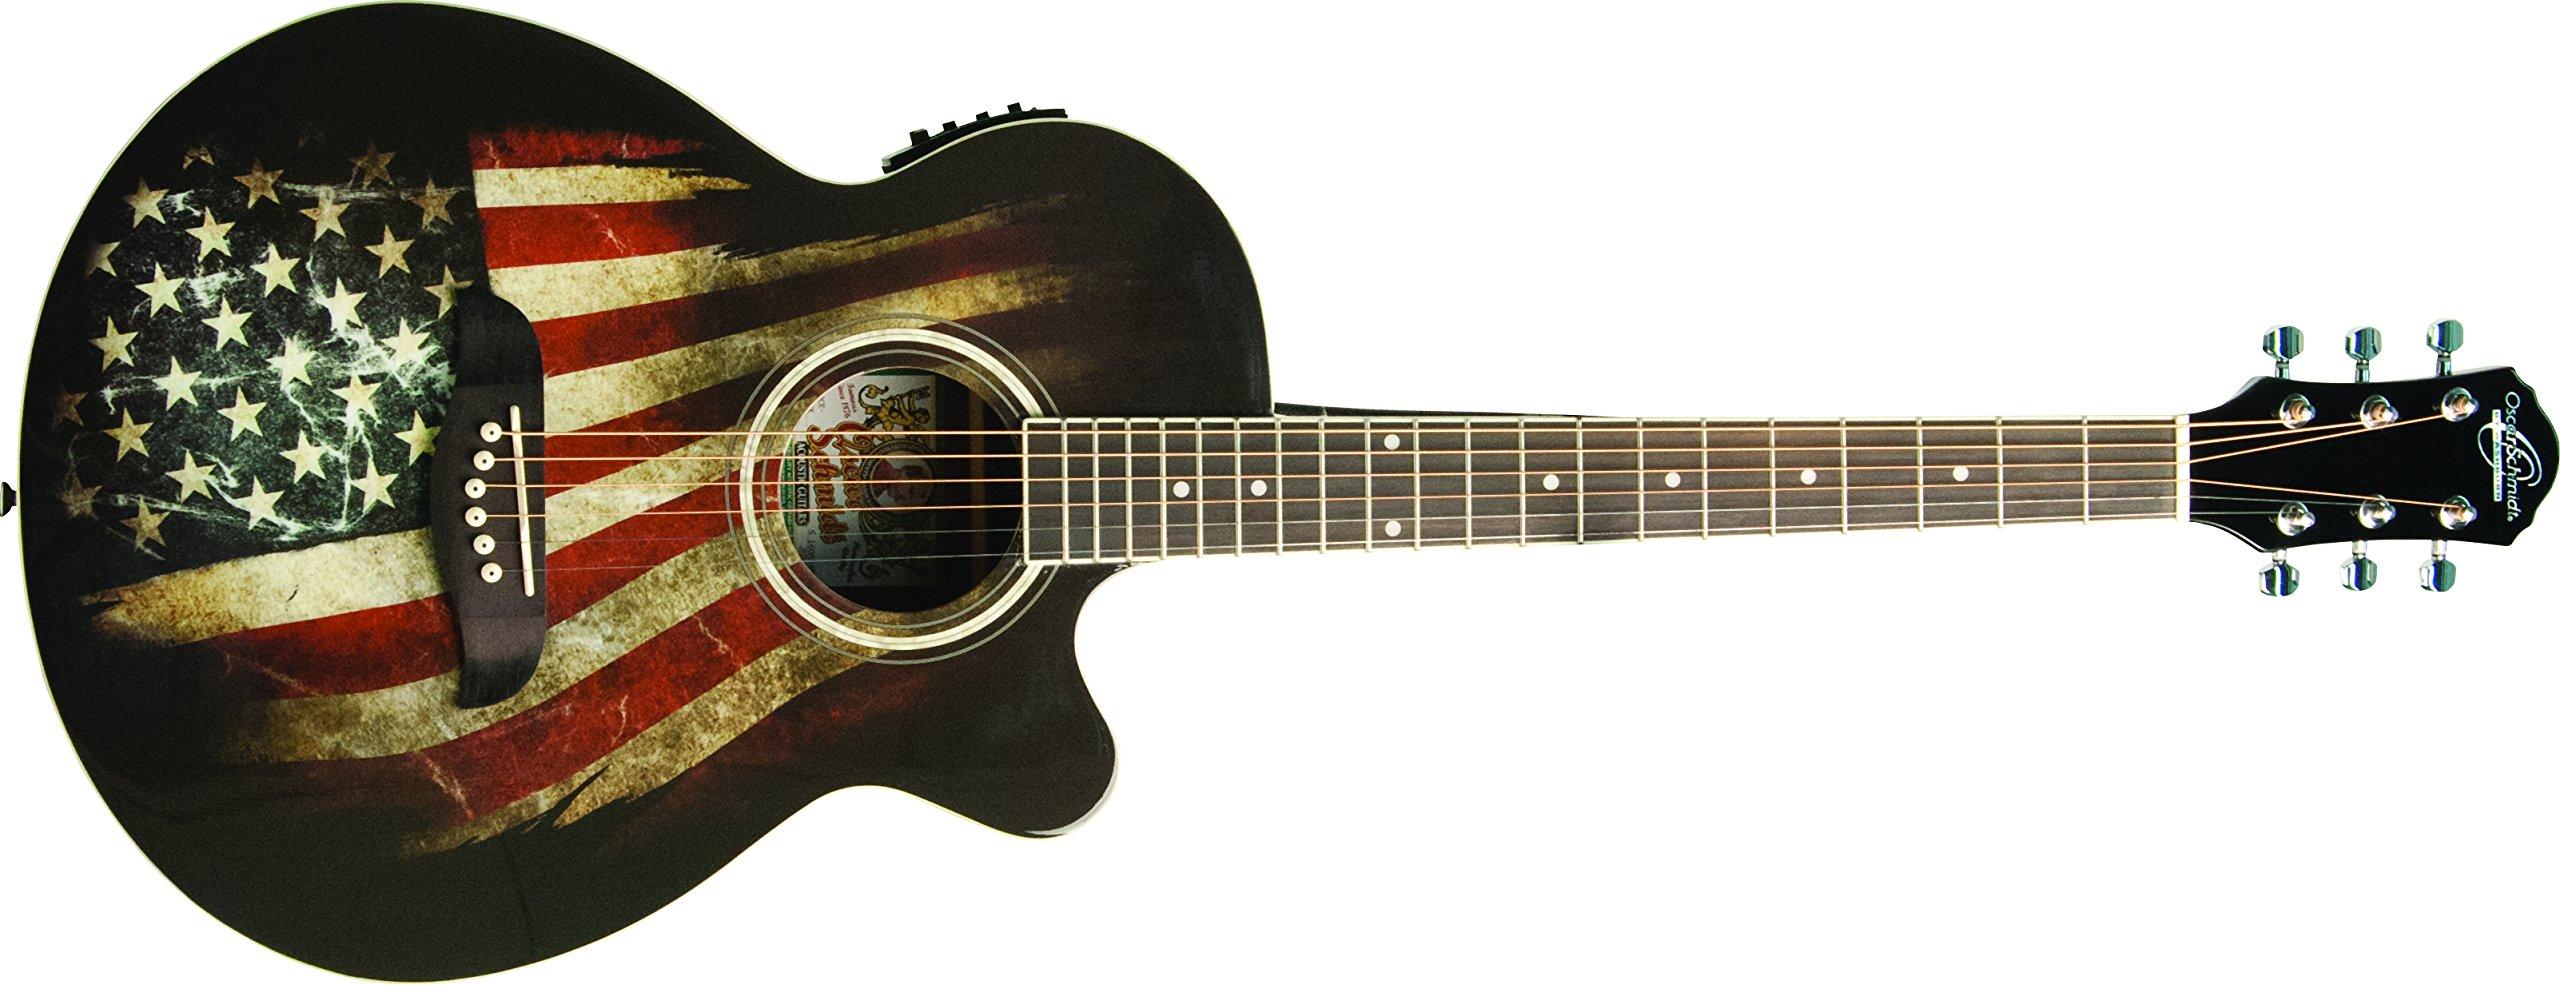 Oscar Schmidt 6 String OG10CE Cutaway Acoustic-Electric Guitar. USA Flag Graphic (OG10CEFLAG-A